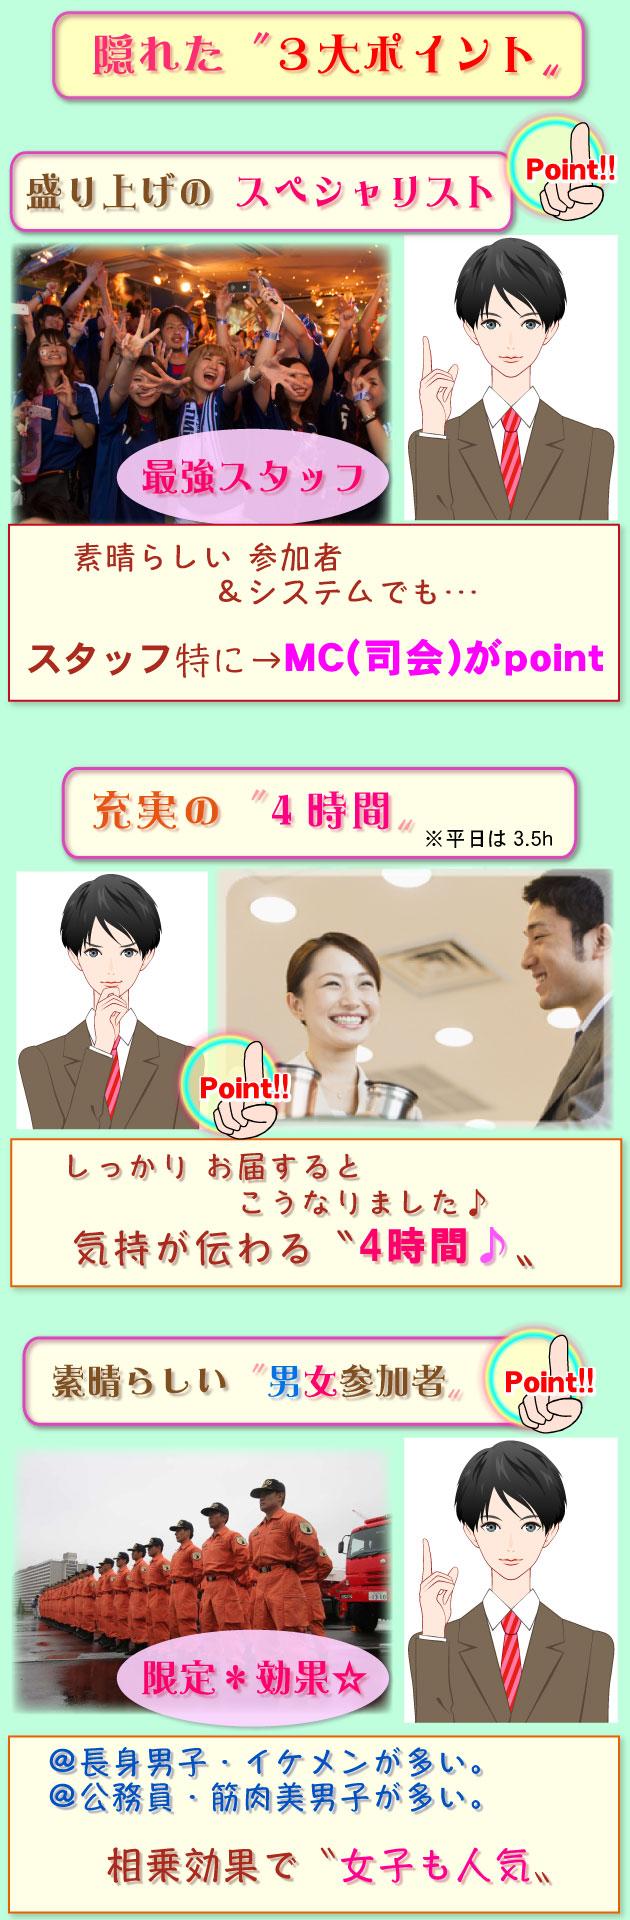 本文 3大ポイント 渋谷